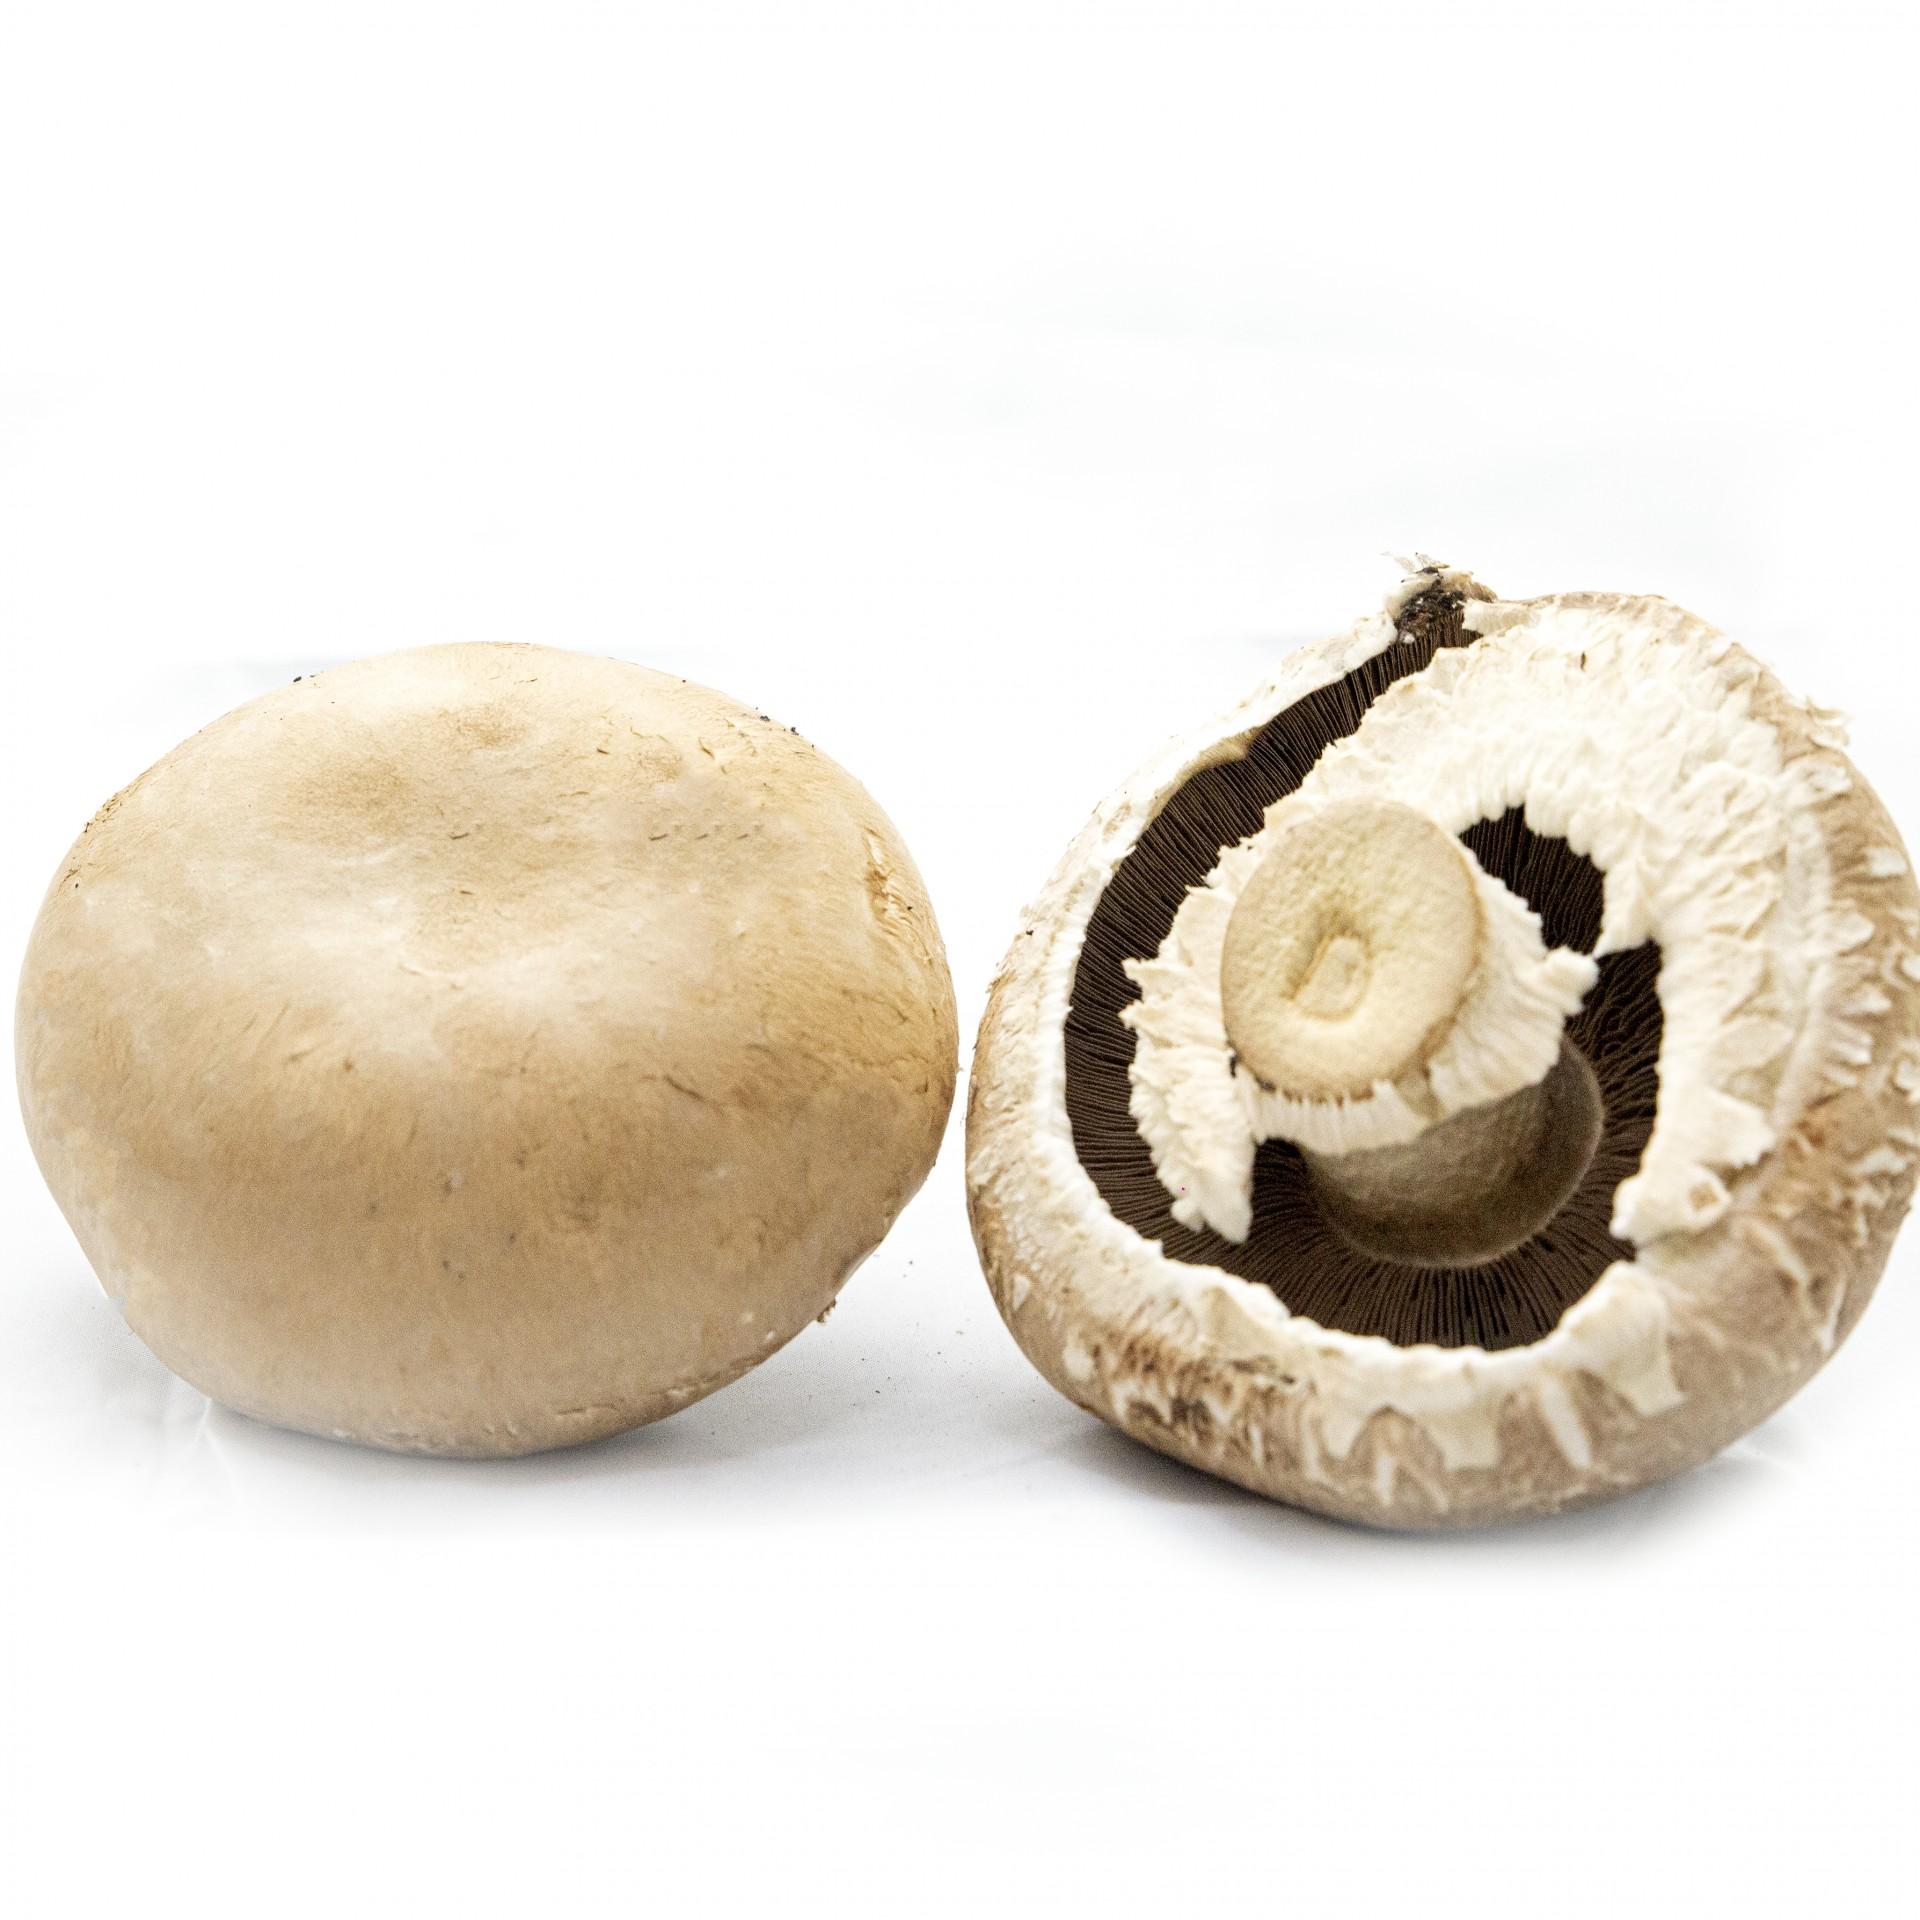 Cogumelo Portobelo